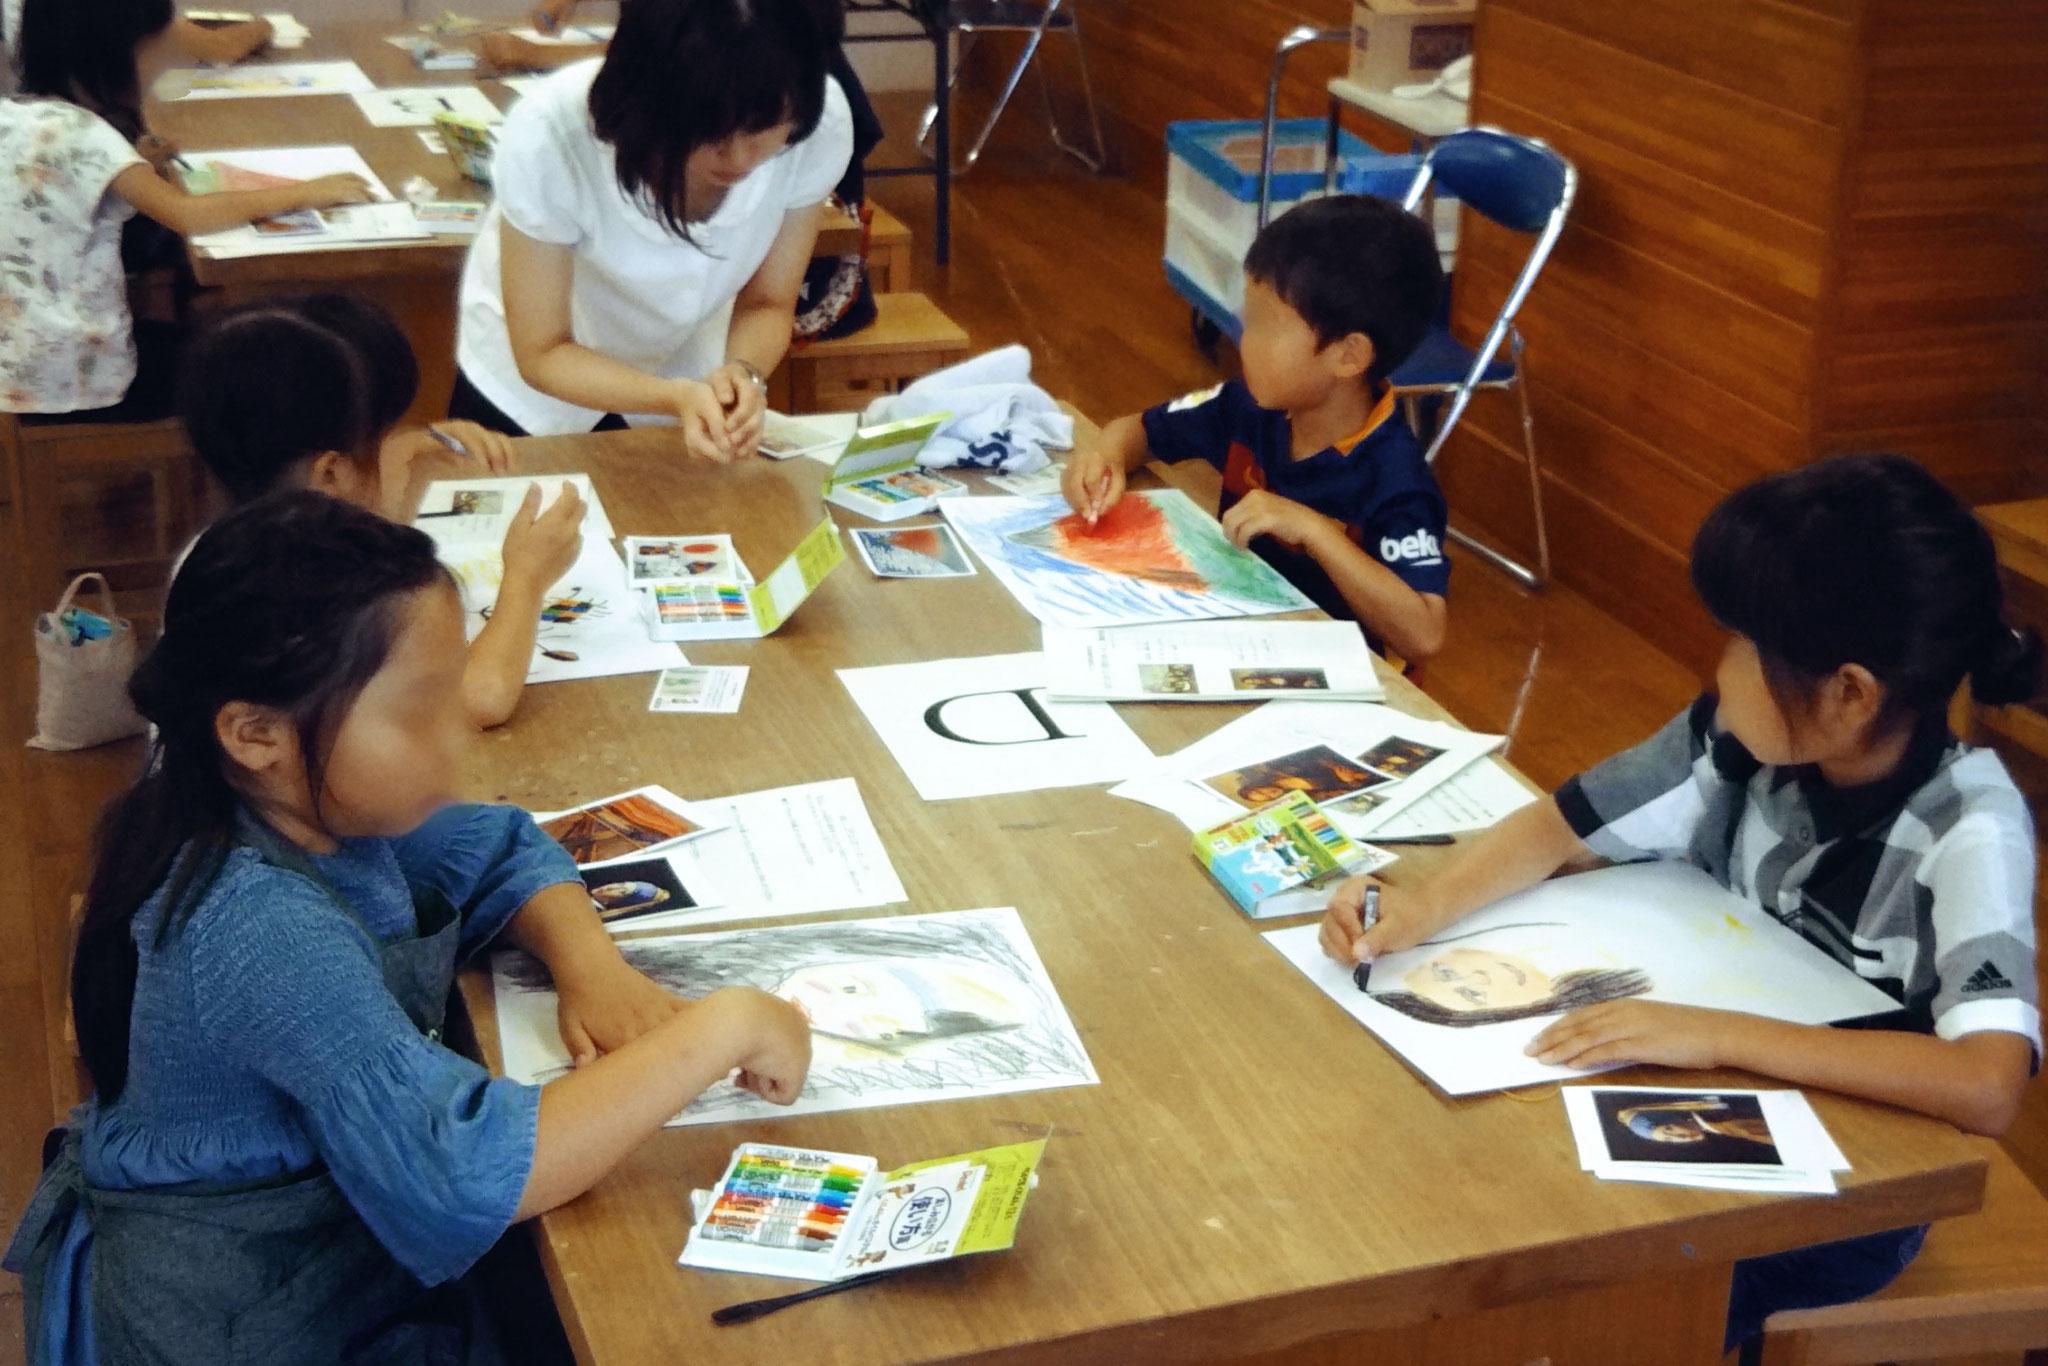 模写の体験ワークショップ。油絵のルールもちょこっと抑えつつ、クレヨンだけで好きな巨匠の絵画を描きます(子供/2時間)主催:千葉市文化振興財団